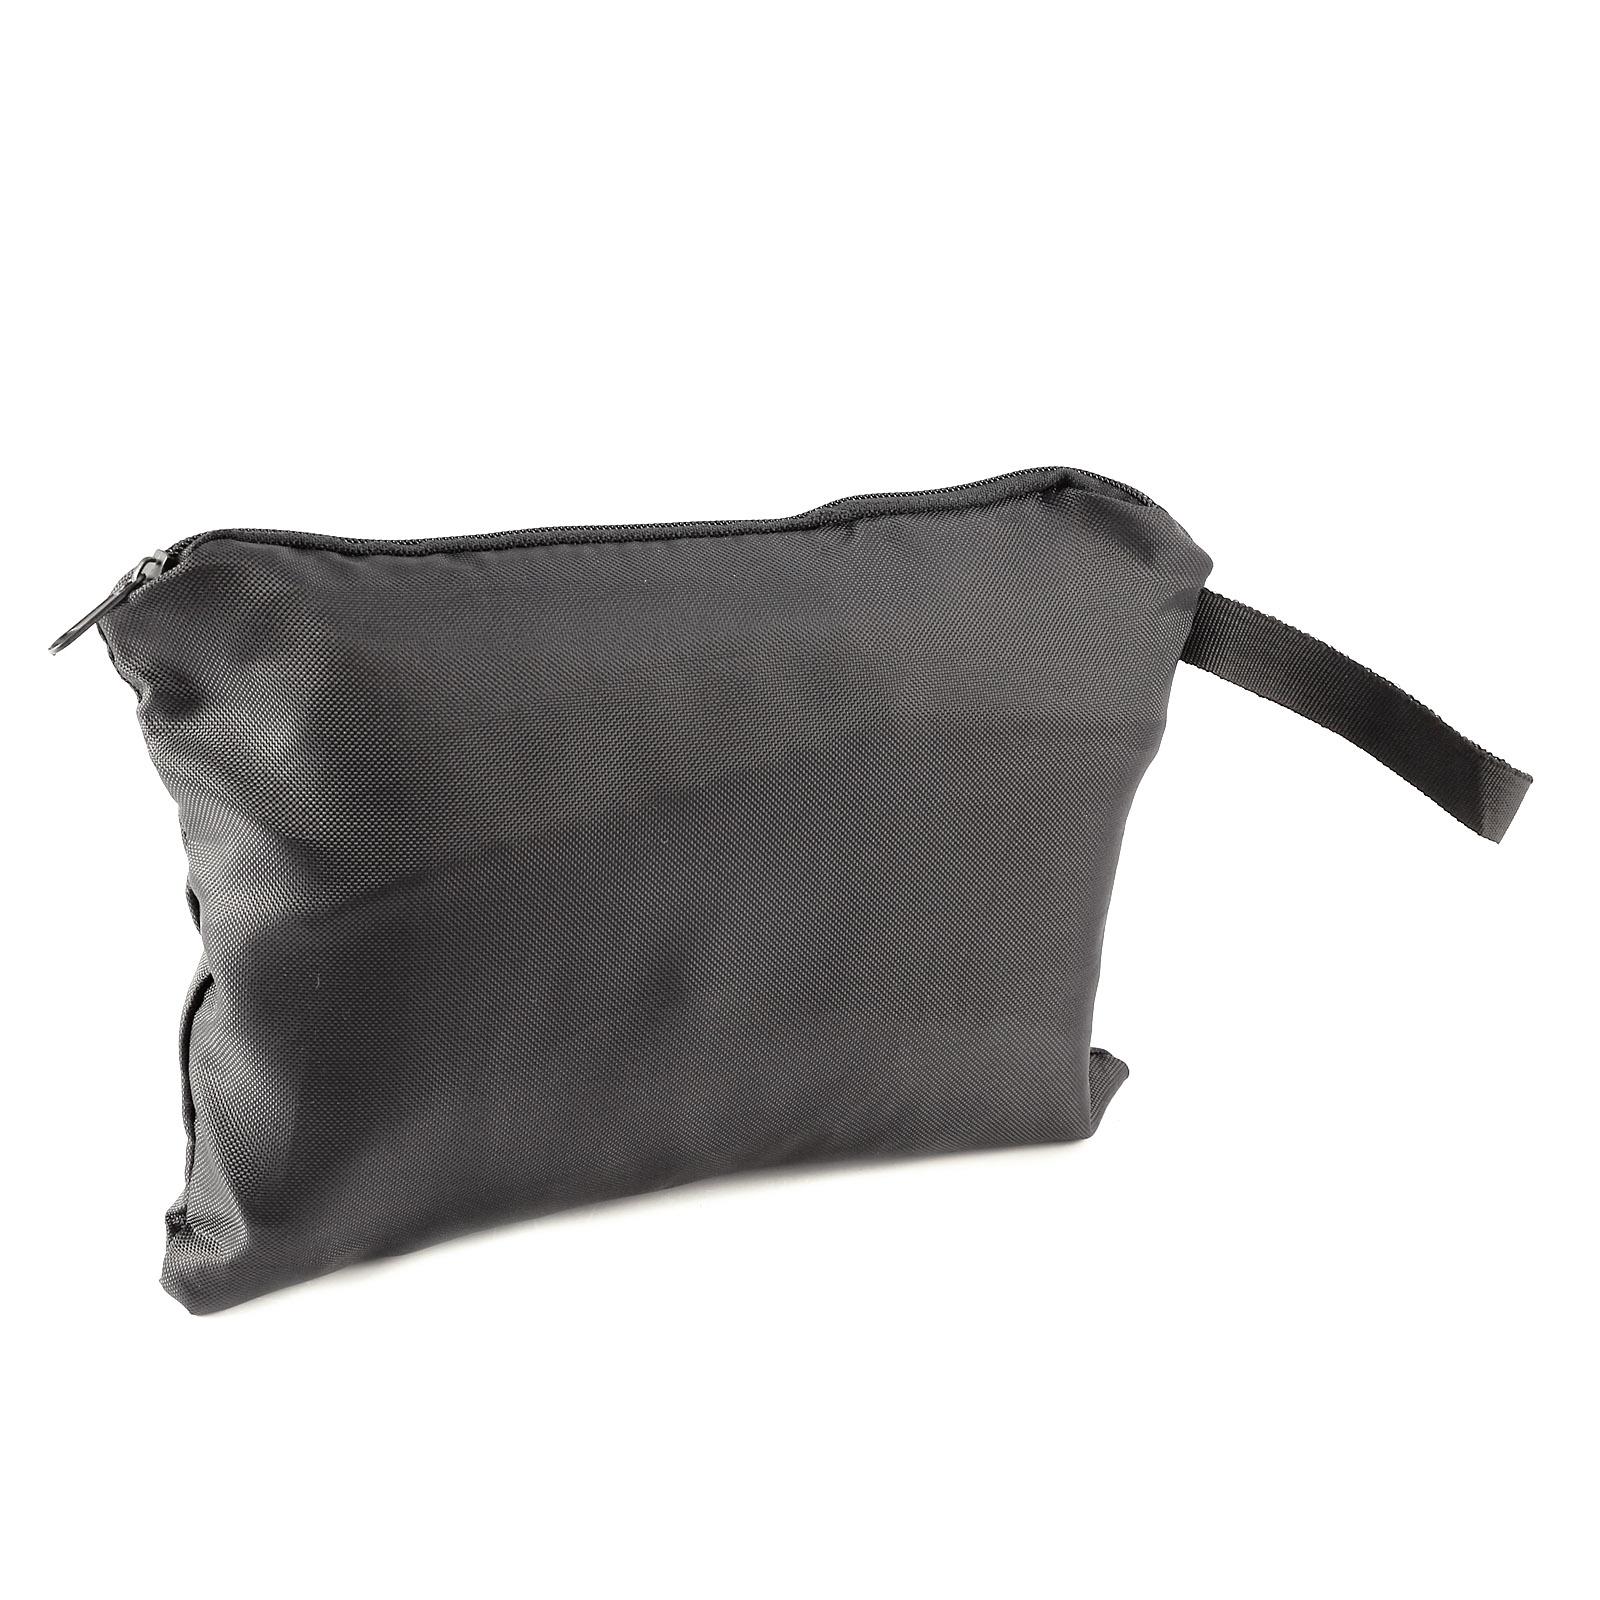 Sac de transport housse poussette landau couverture sac de for Housse couverture